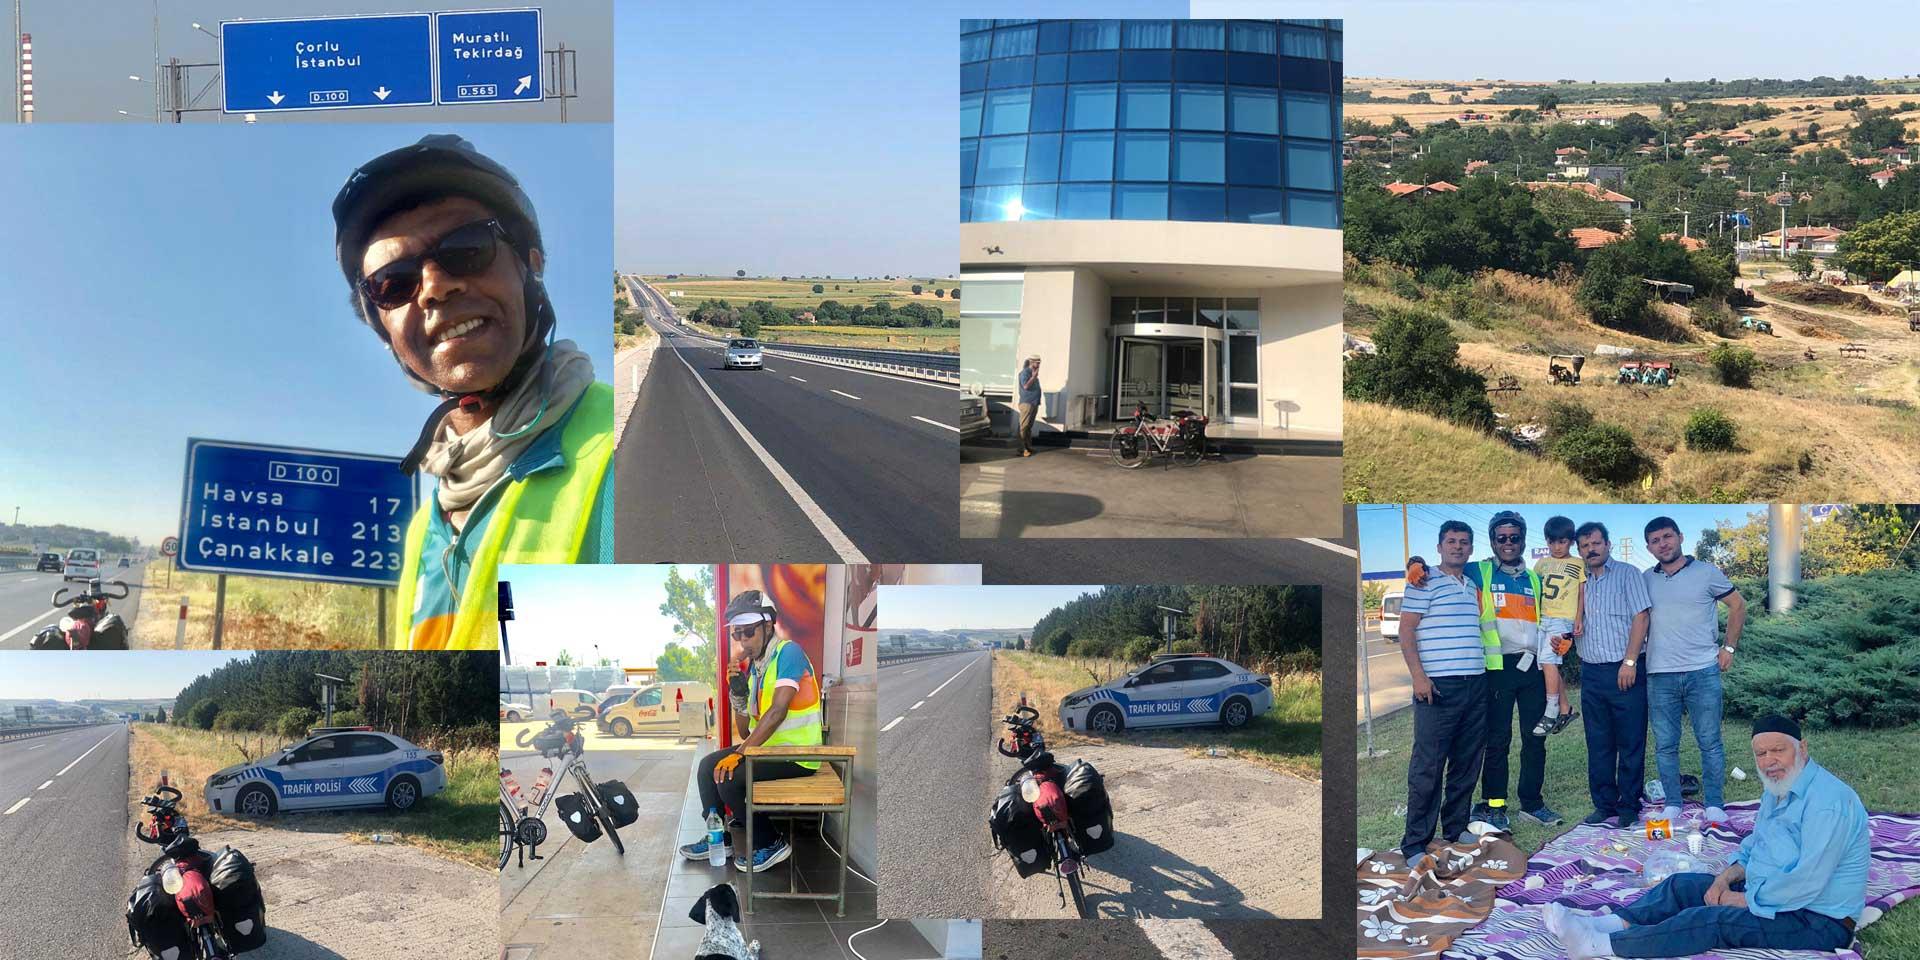 Jour 65 Turquie : De Casa à la Mecque à vélo Karim MOSTA